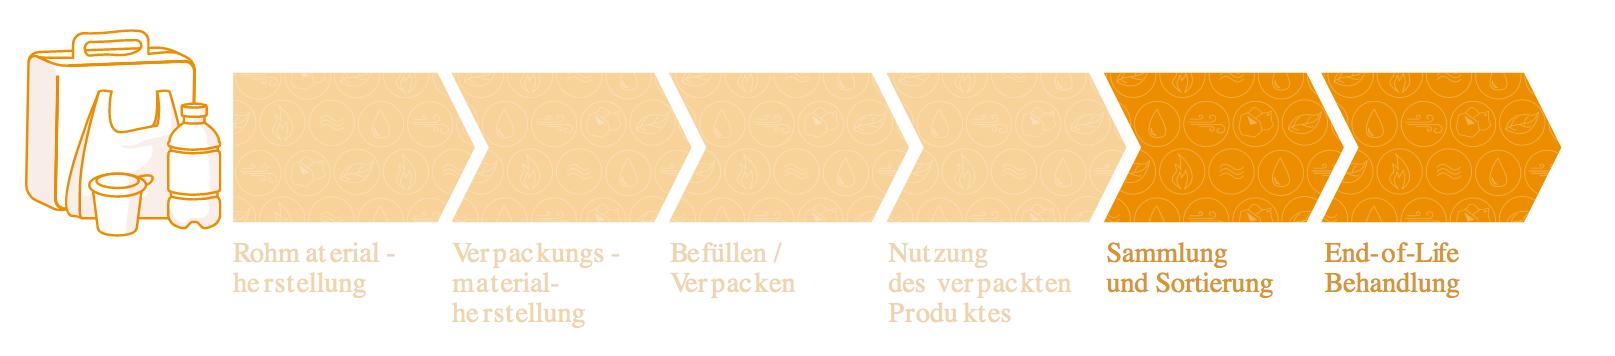 , Design für Recycling